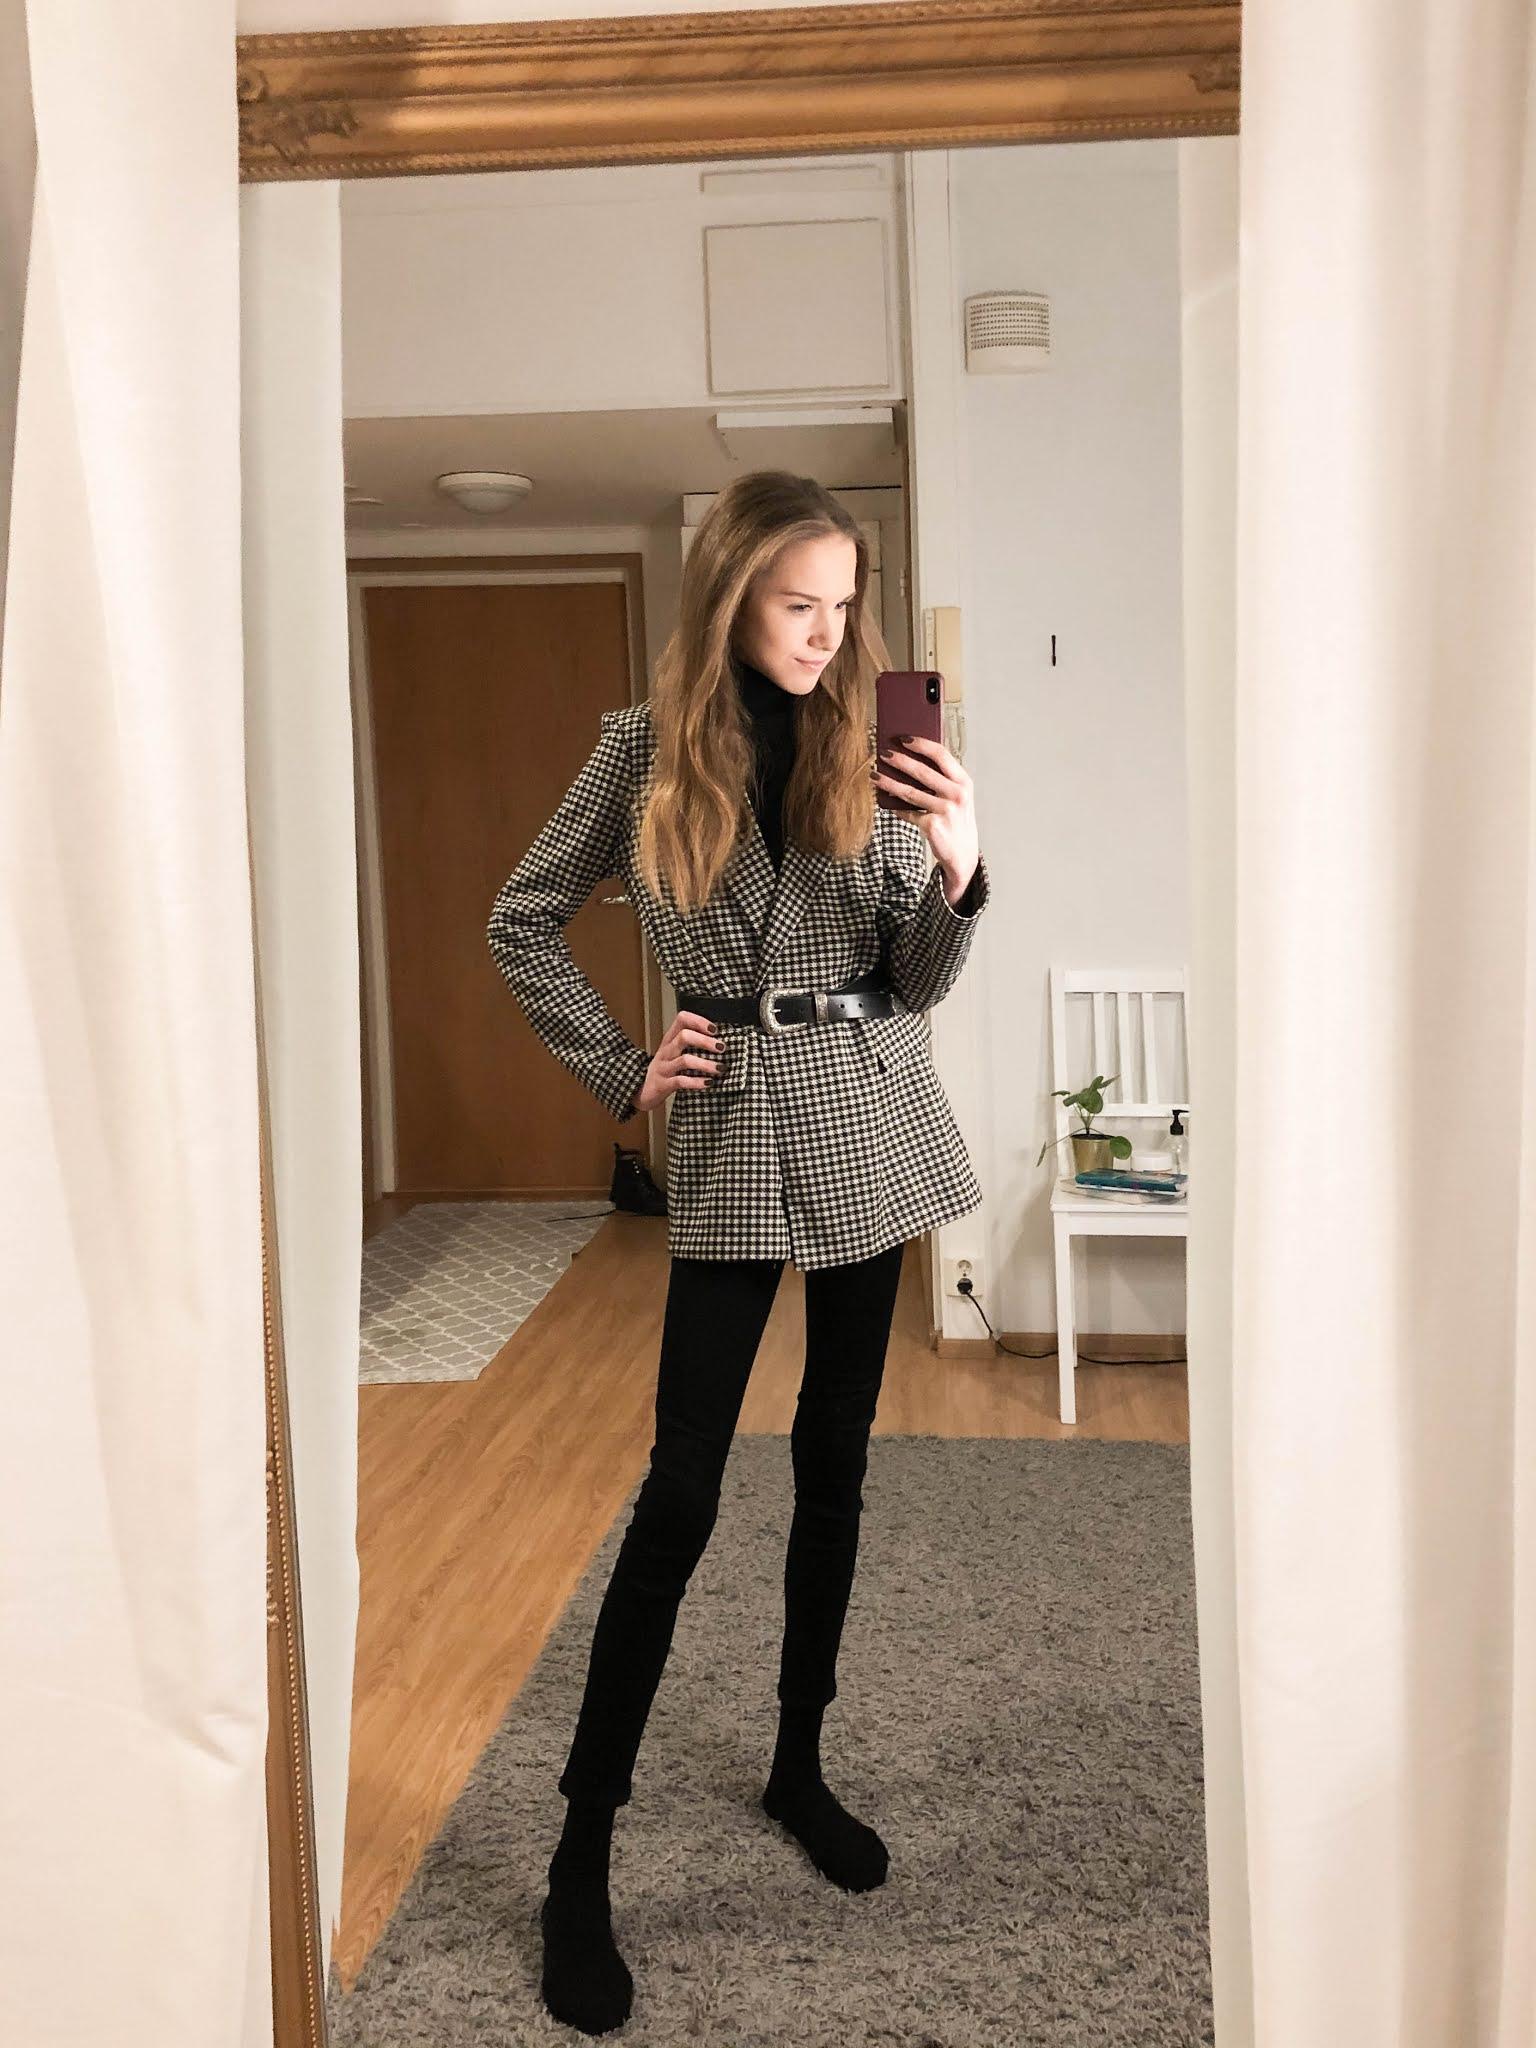 Mustavalkoinen asu bleiserin kanssa // Black and white outfit with blazer